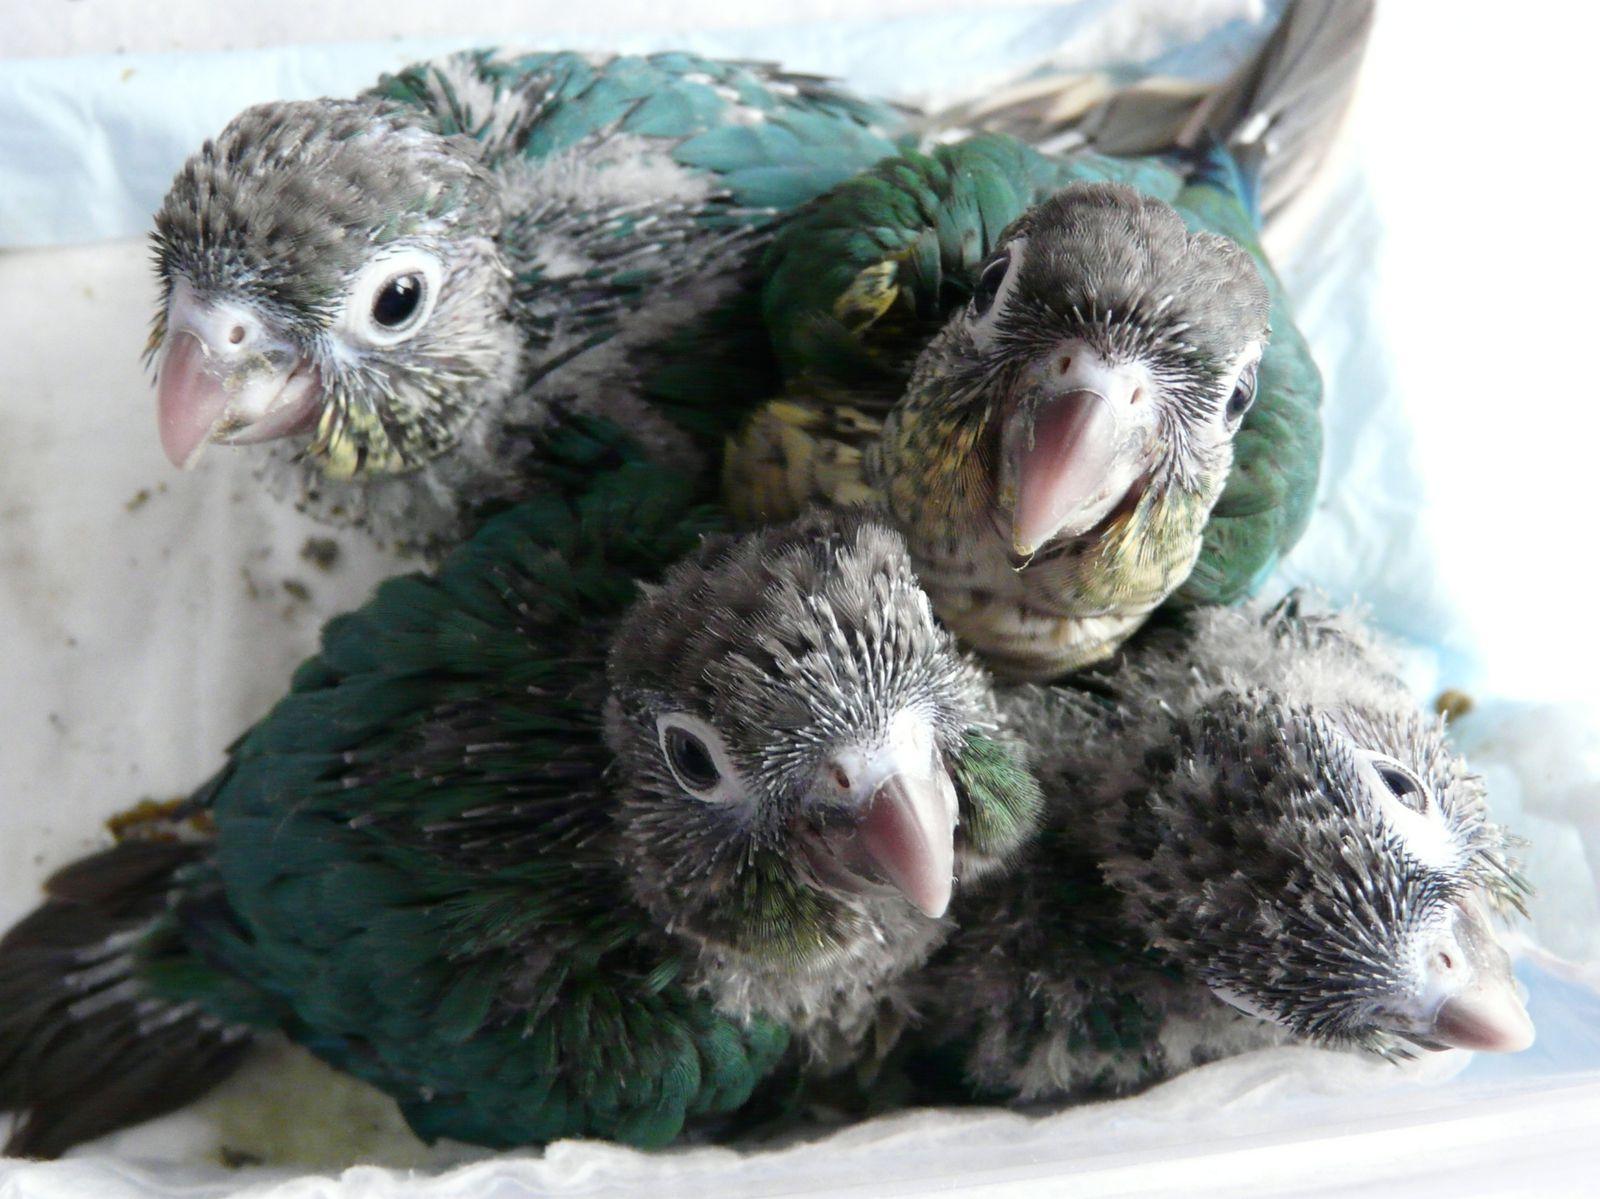 BB turquoise et BB turquoise opaline à 1 mois environ